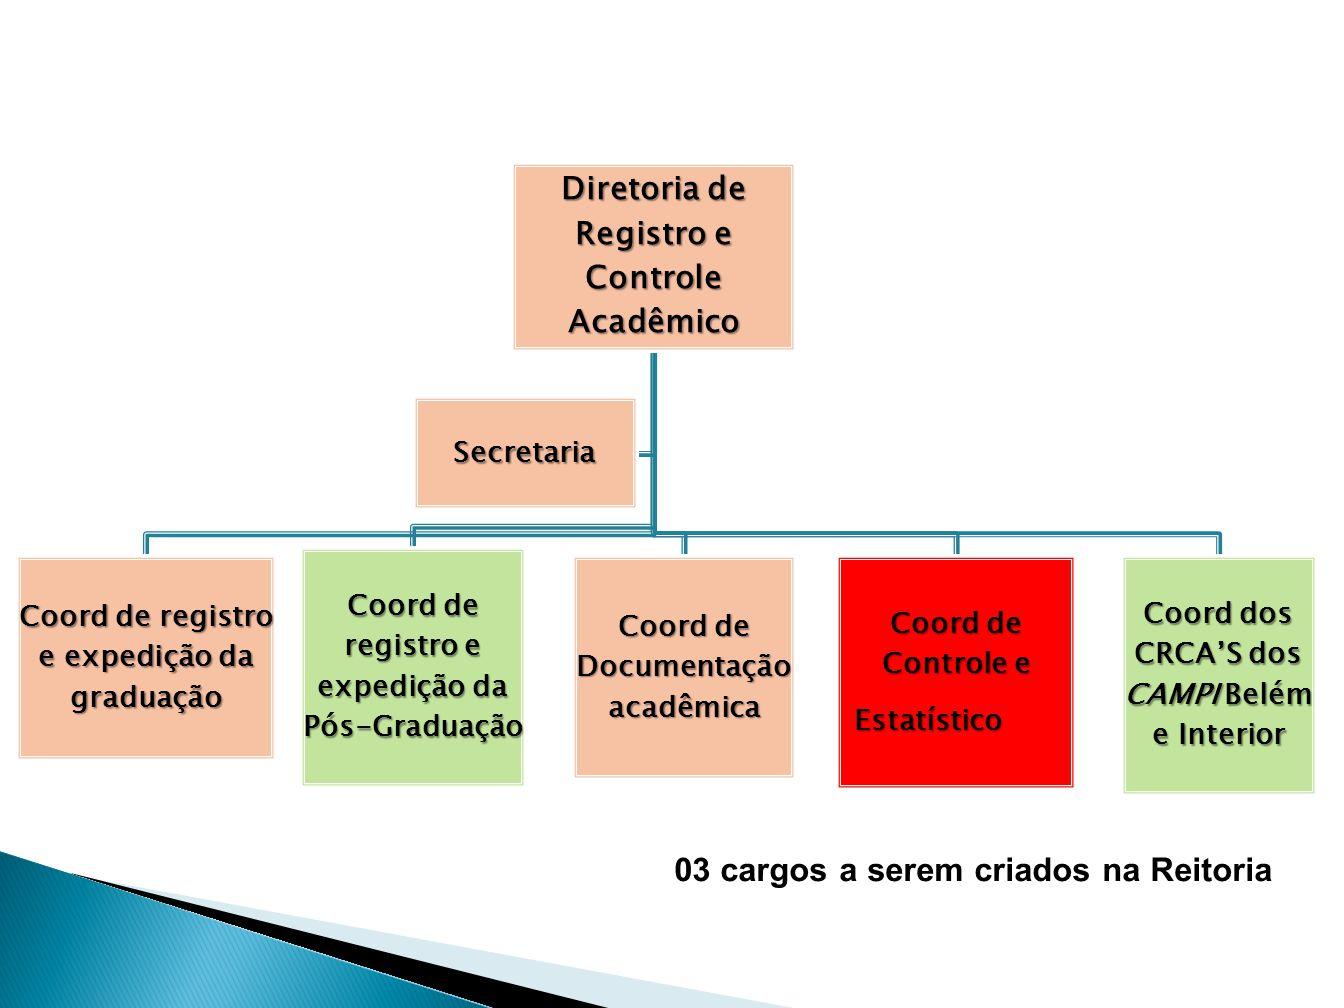 Diretoria de Tecnologia da Informação e Comunicação – DTIC/DSPD Coordenadoria de Sistemas de Informação Coordenadoria de Tecnologia de Redes Coordenadoria de Manutenção e Suporte ao Usuário Secretaria 01 cargo a ser criado